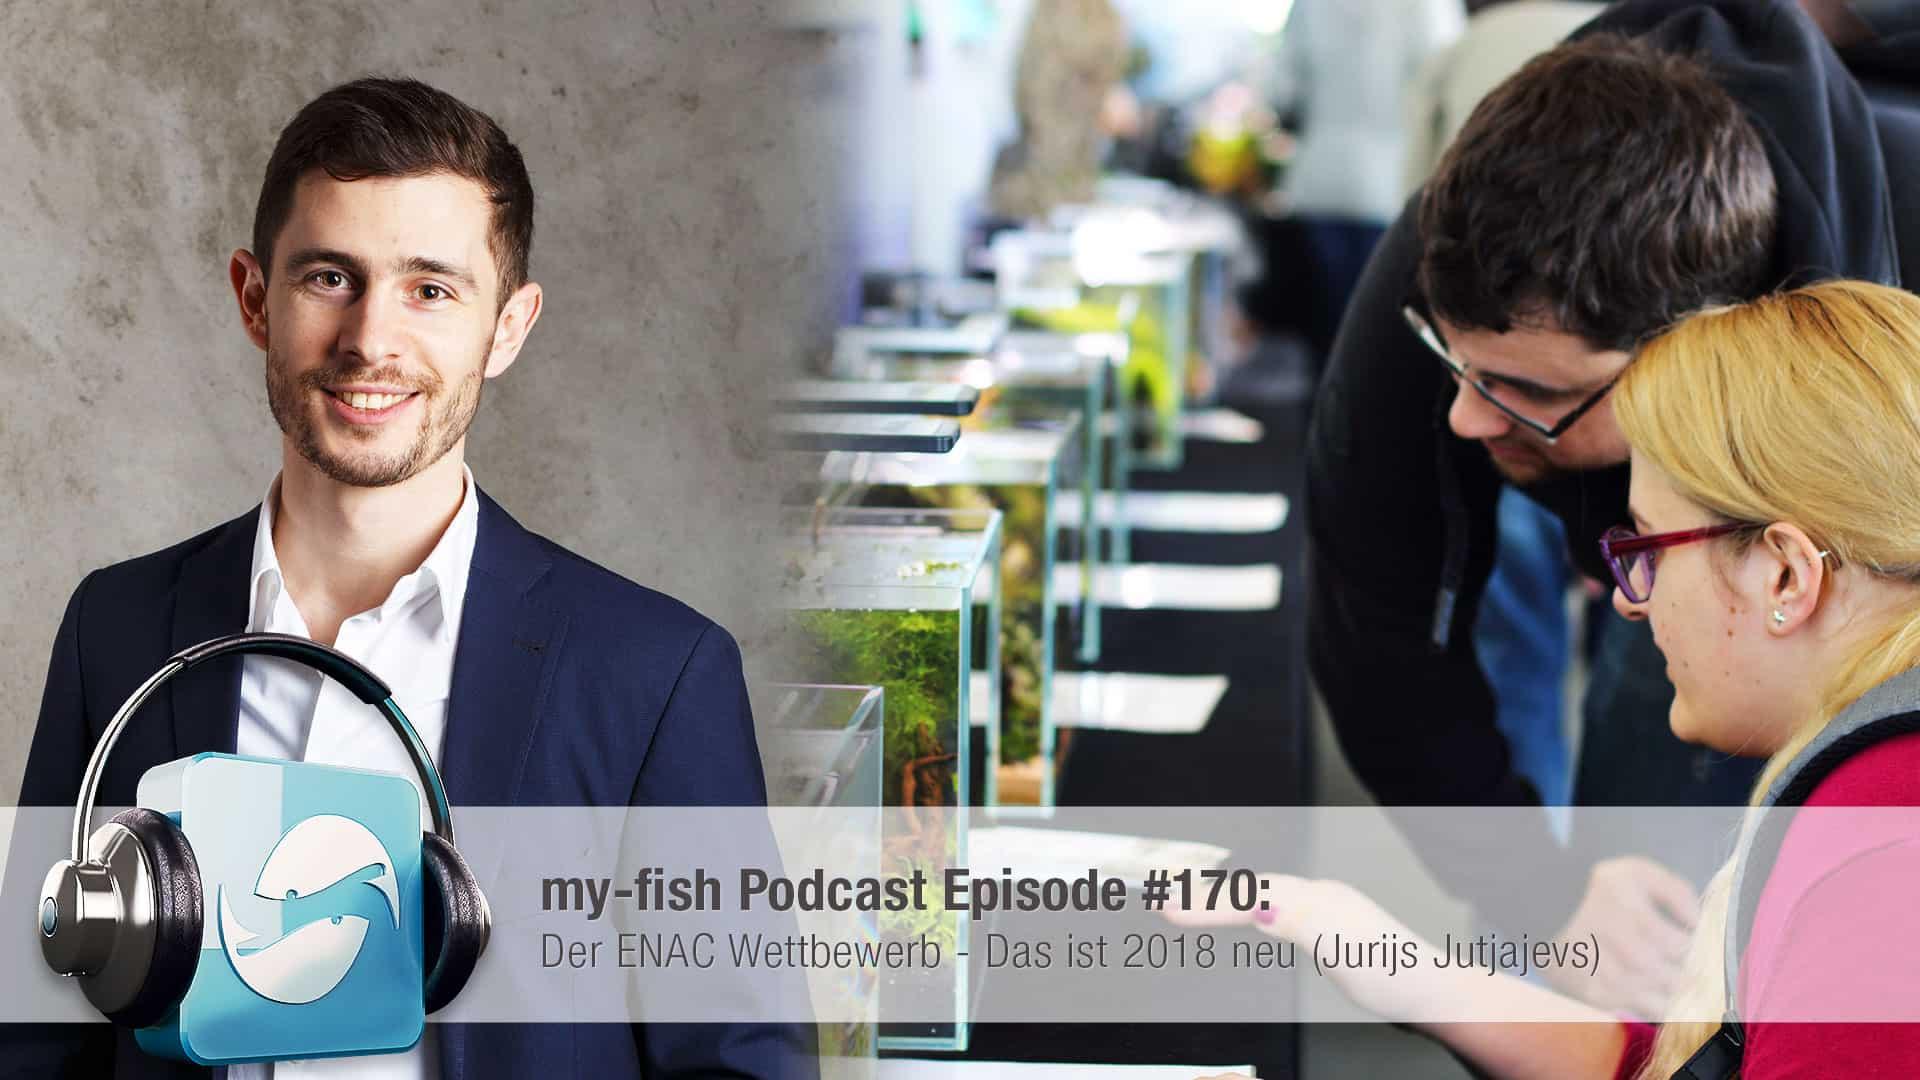 Podcast Episode #170: Der ENAC Wettbewerb - Das ist 2018 neu - Teil 1(Jurijs Jutjajevs) 1